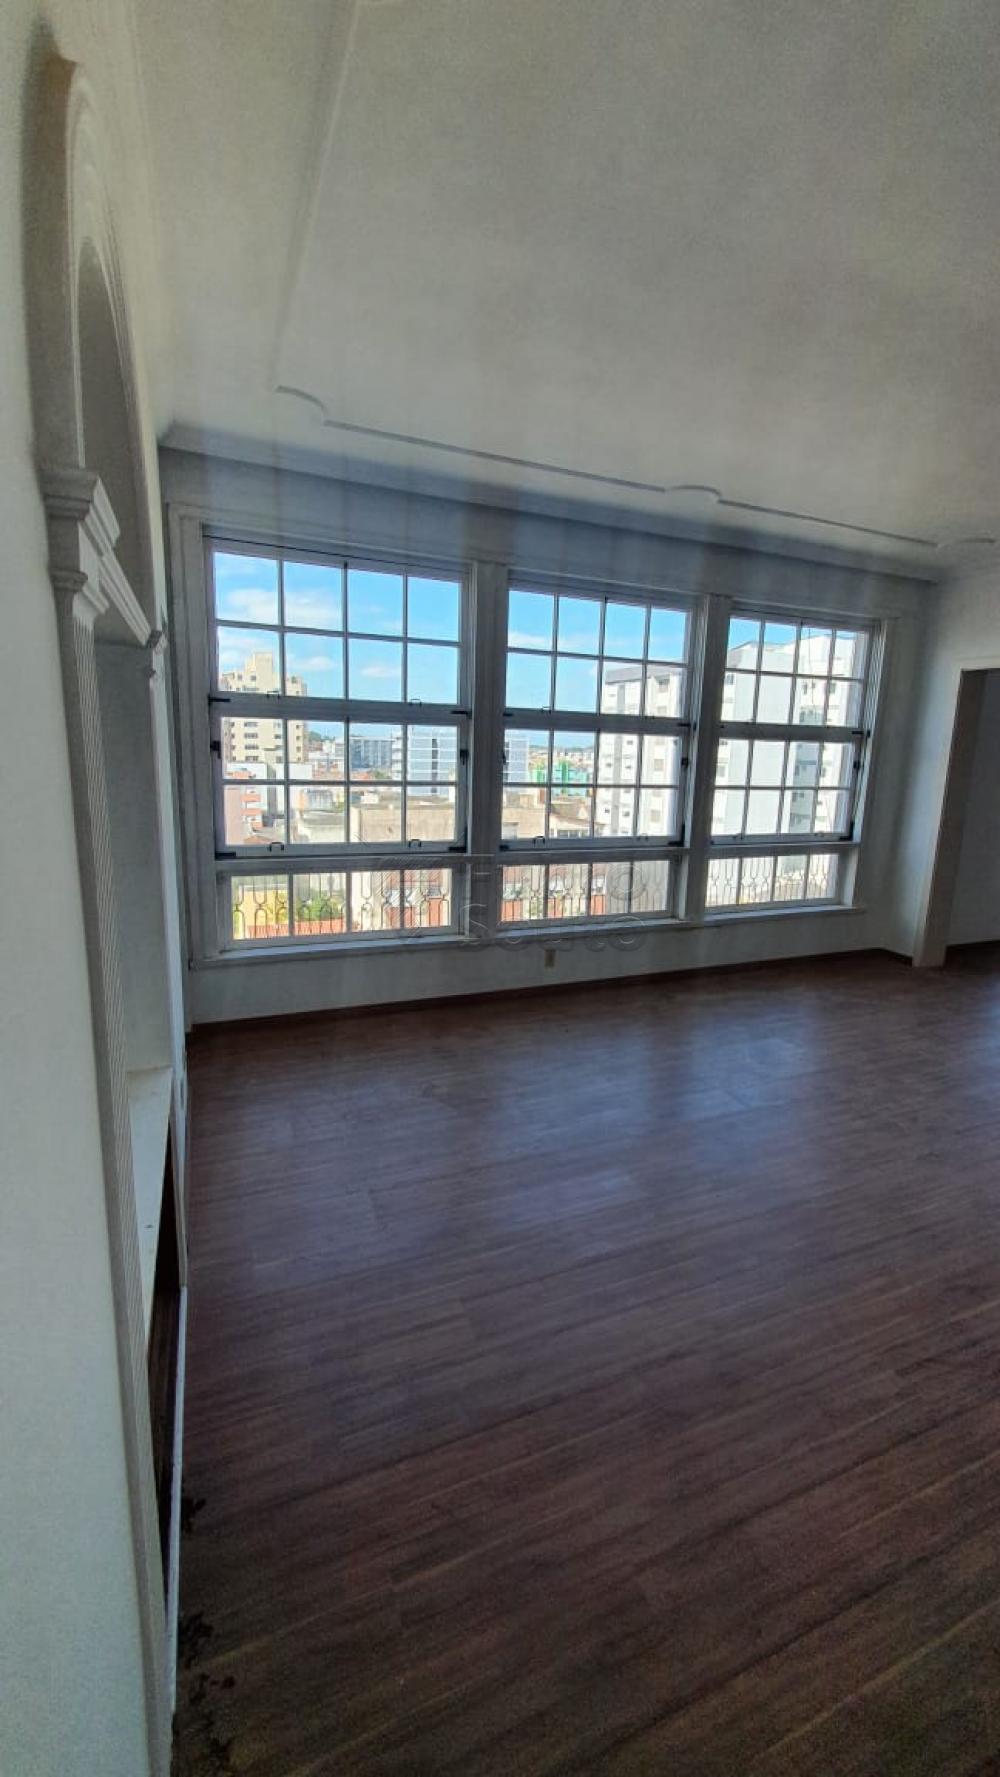 Comprar Apartamento / Padrão em Pelotas R$ 420.000,00 - Foto 5